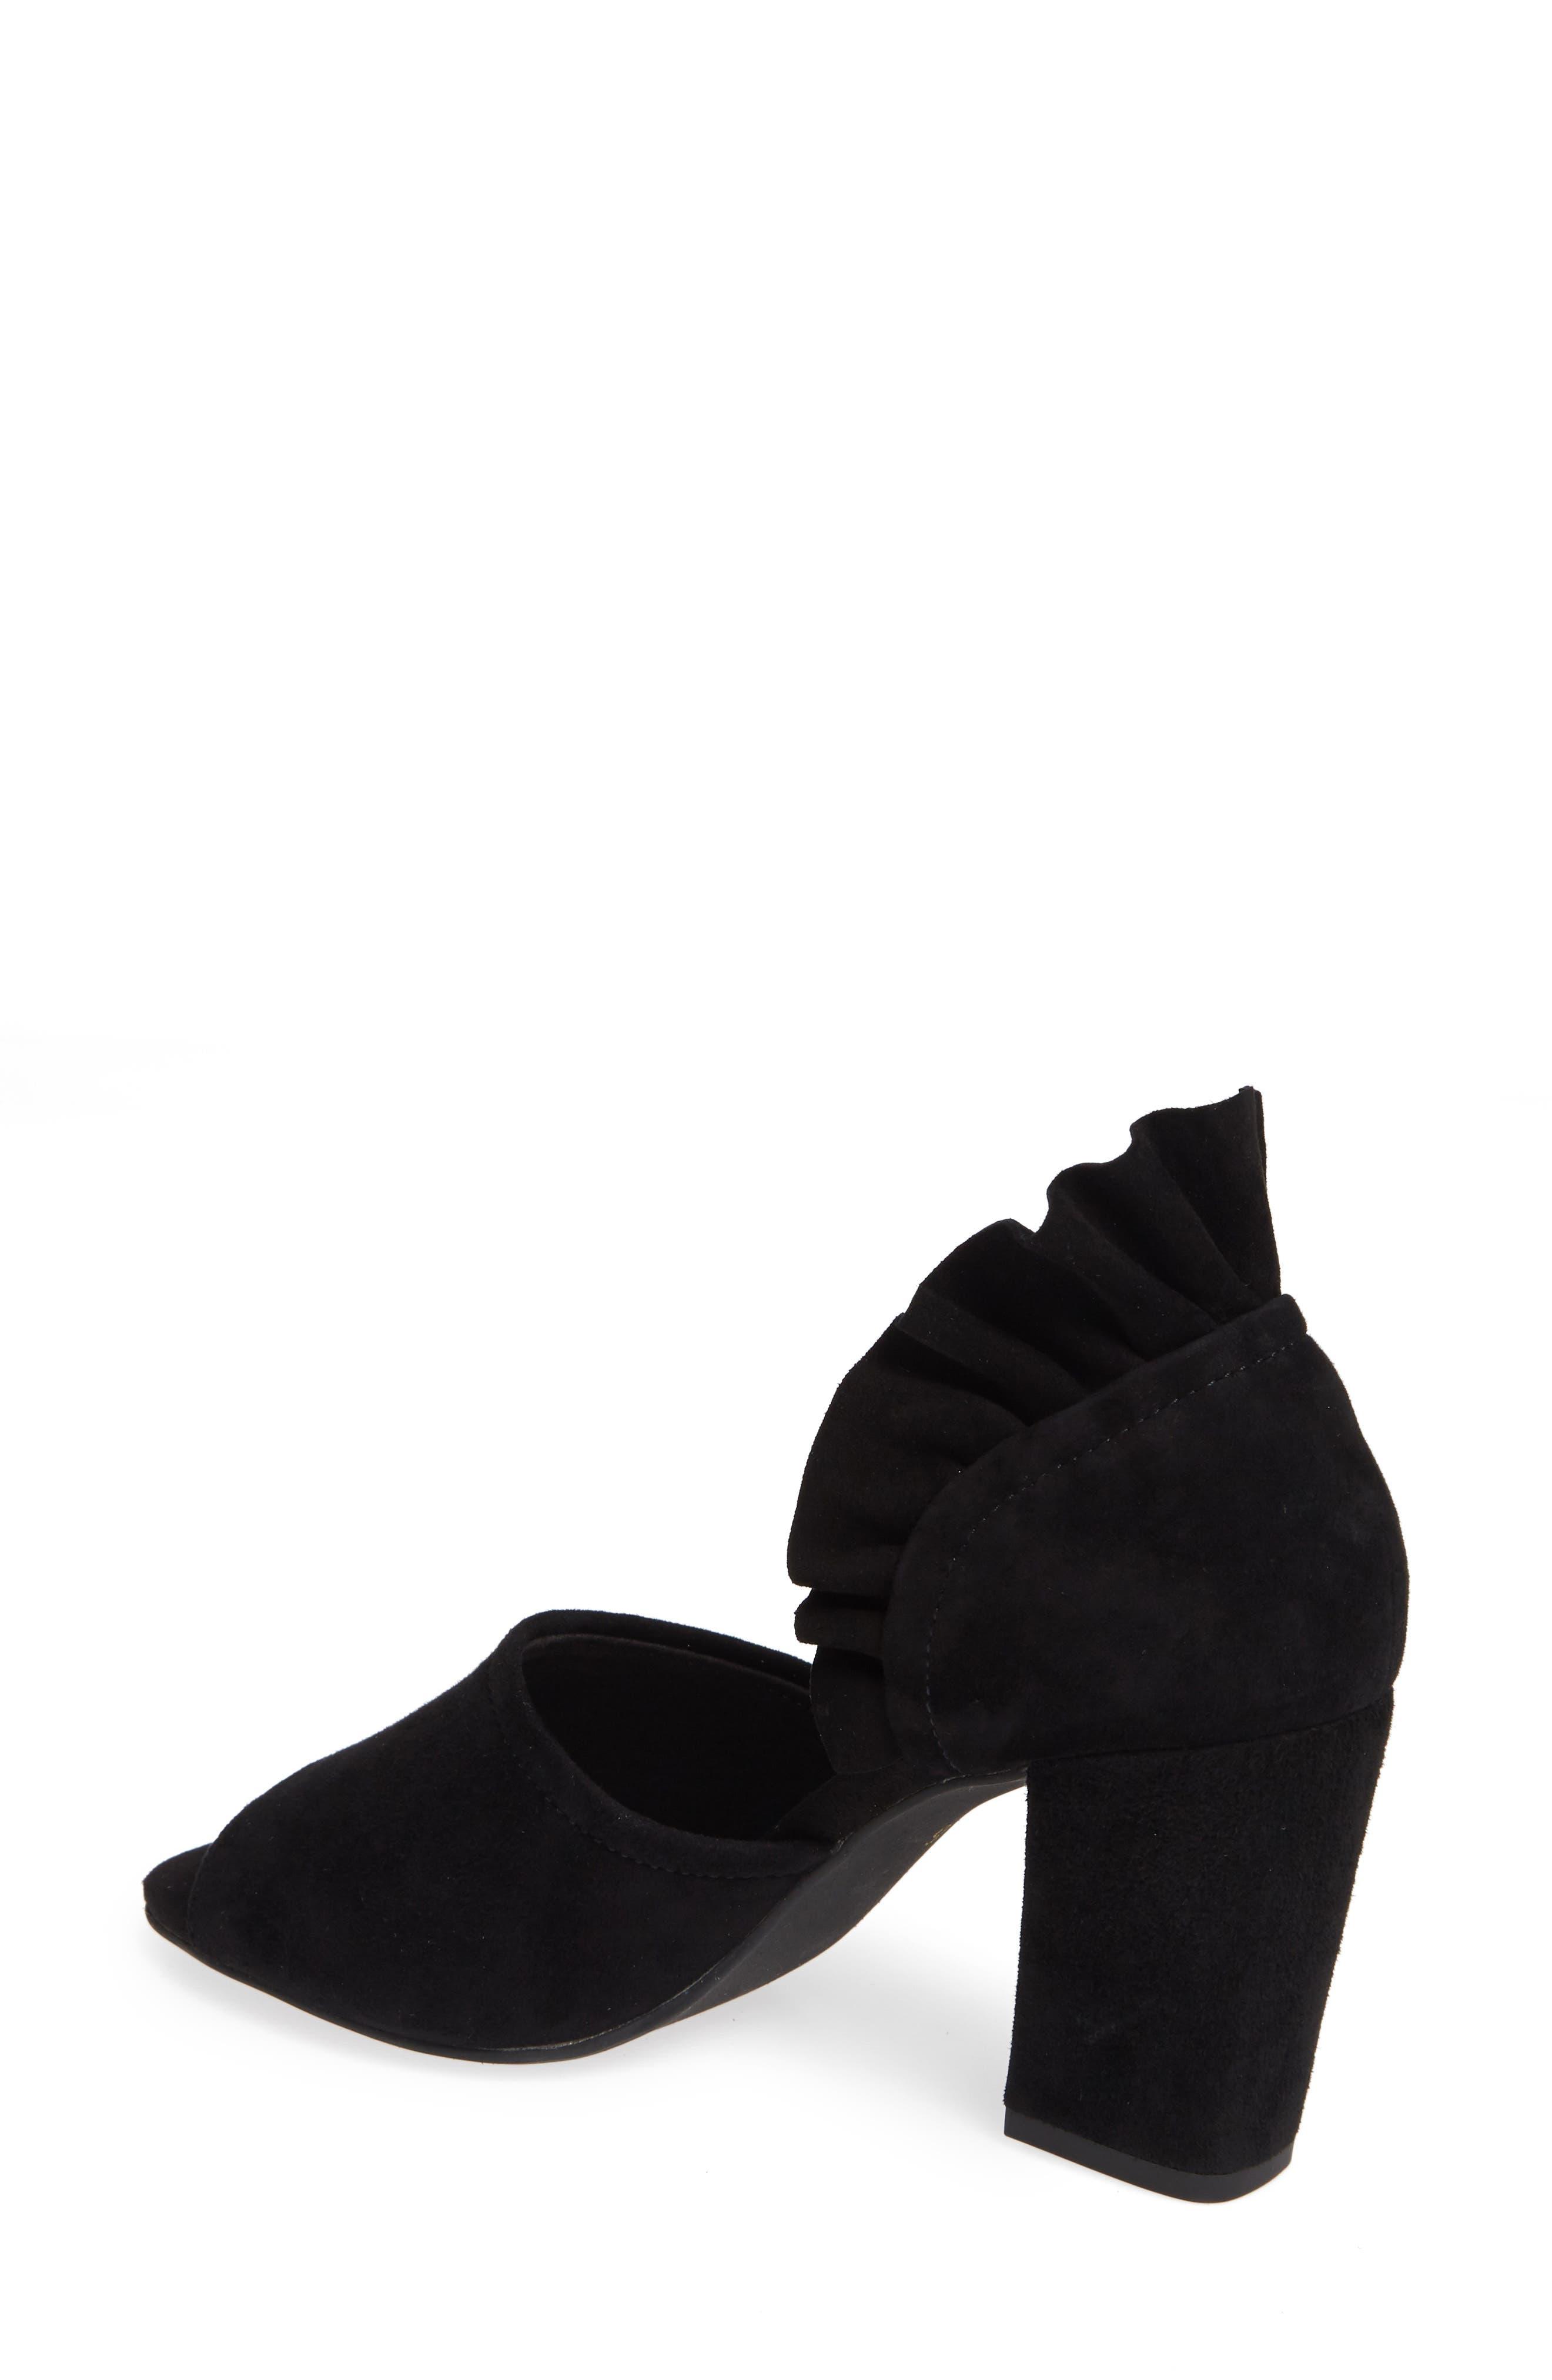 Tropical Sandal,                             Alternate thumbnail 2, color,                             BLACK SUEDE